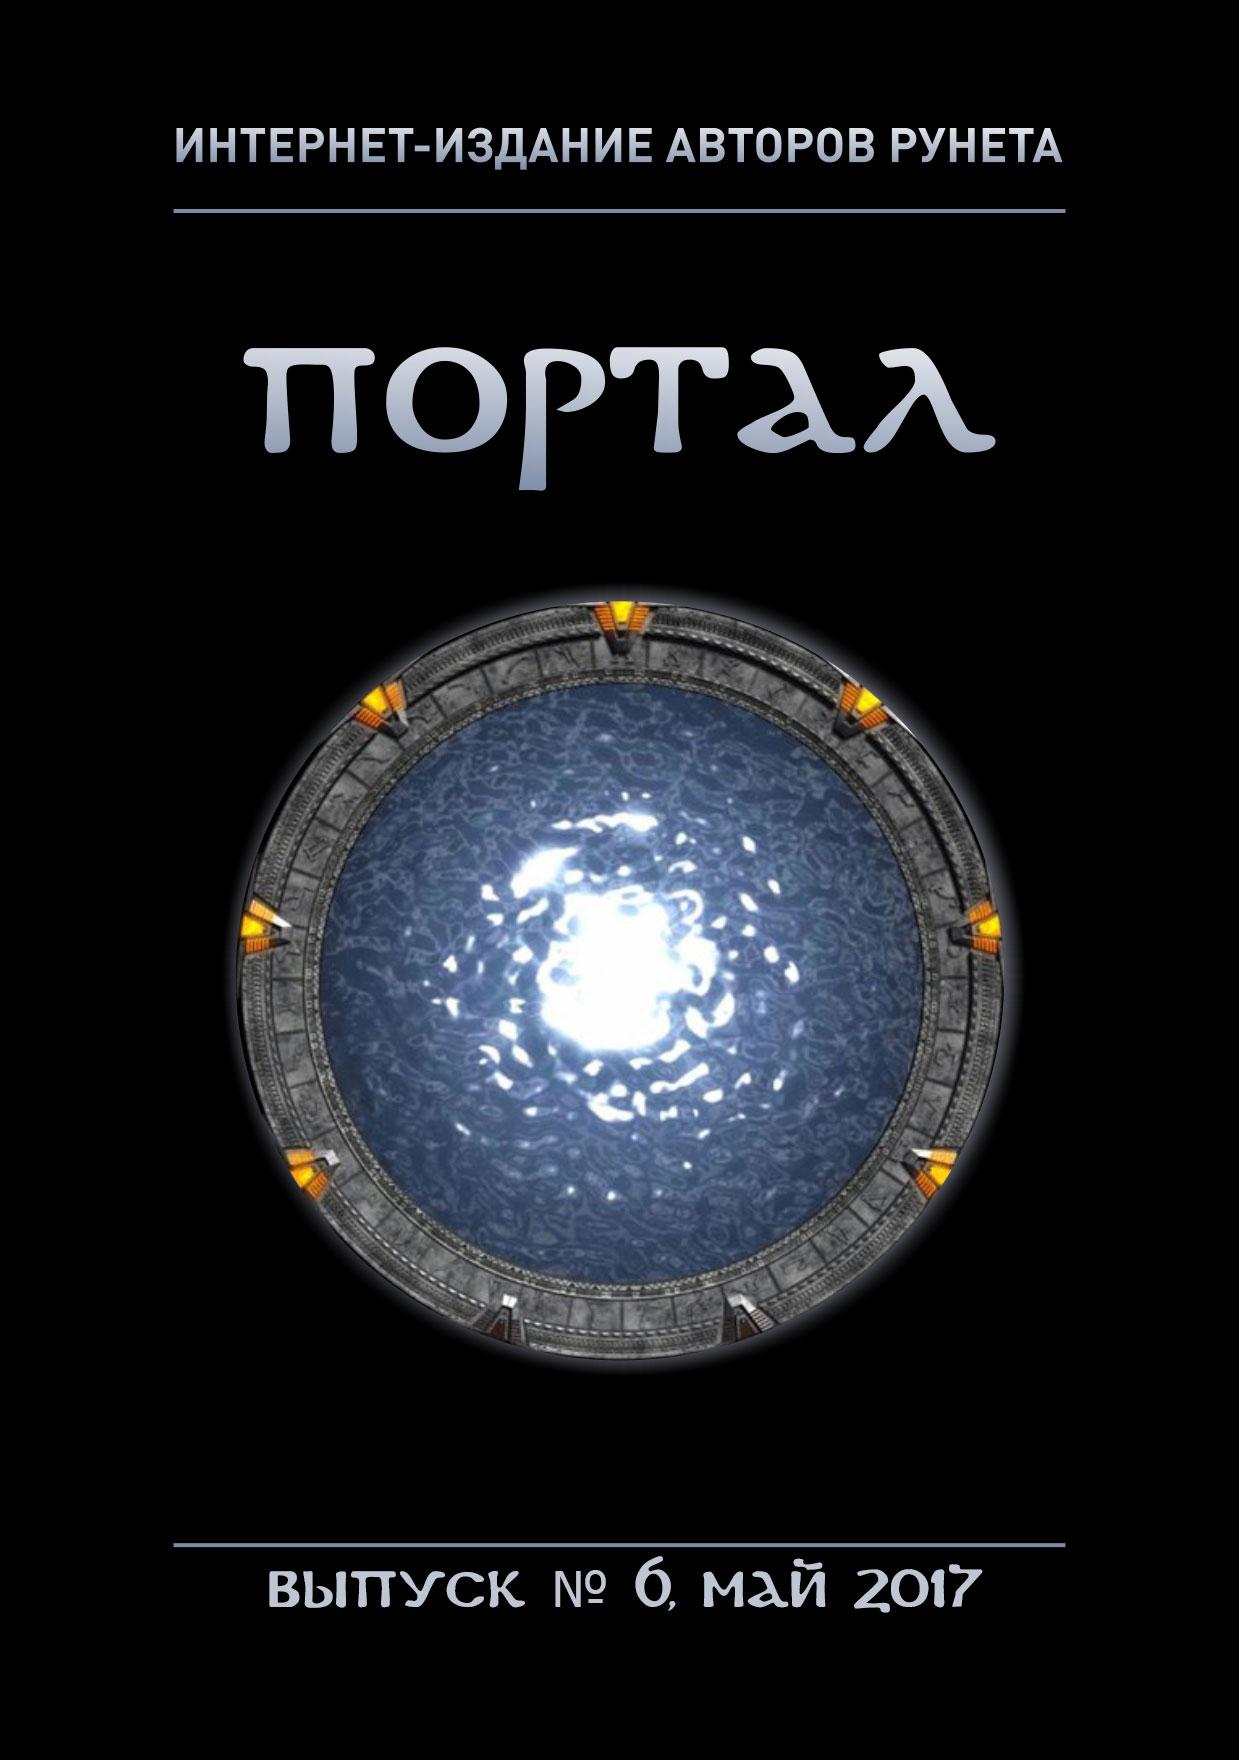 Вулкан играть на телефон Кичменгский Городок скачать Приложение казино вулкан Краснокаменс download